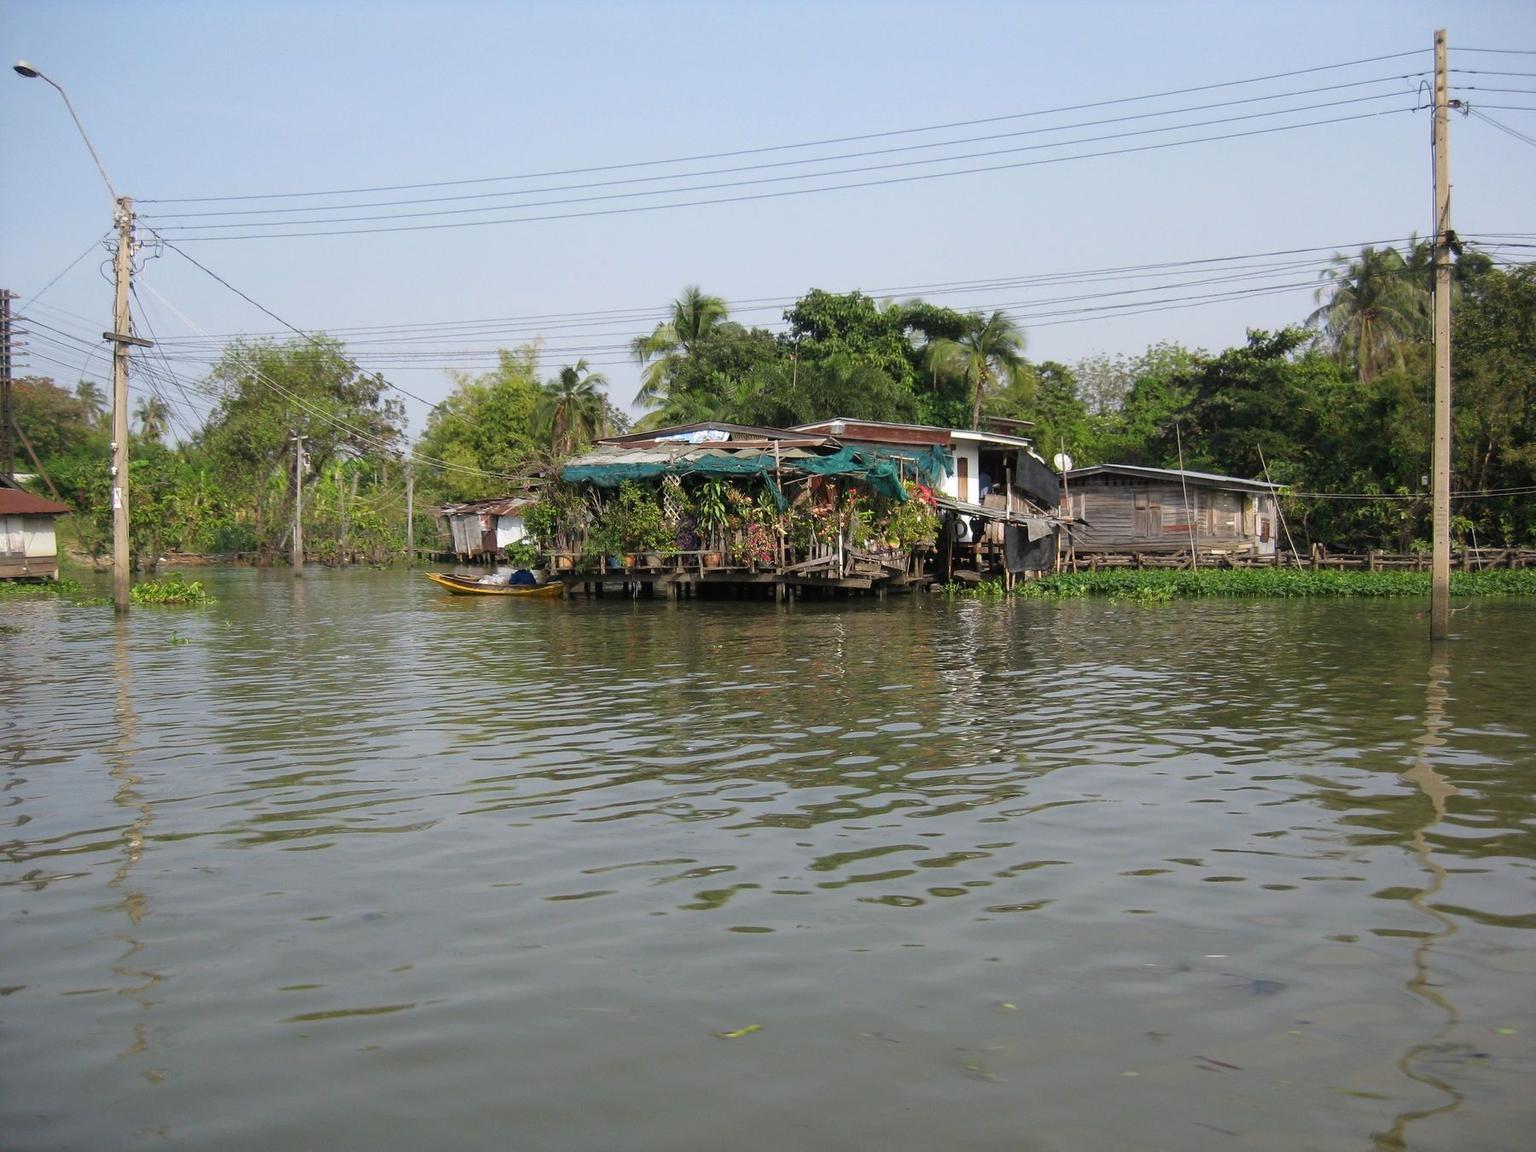 MAIS FOTOS, Passeio de balsa aos arrozais de Bangcoc, na parte da tarde